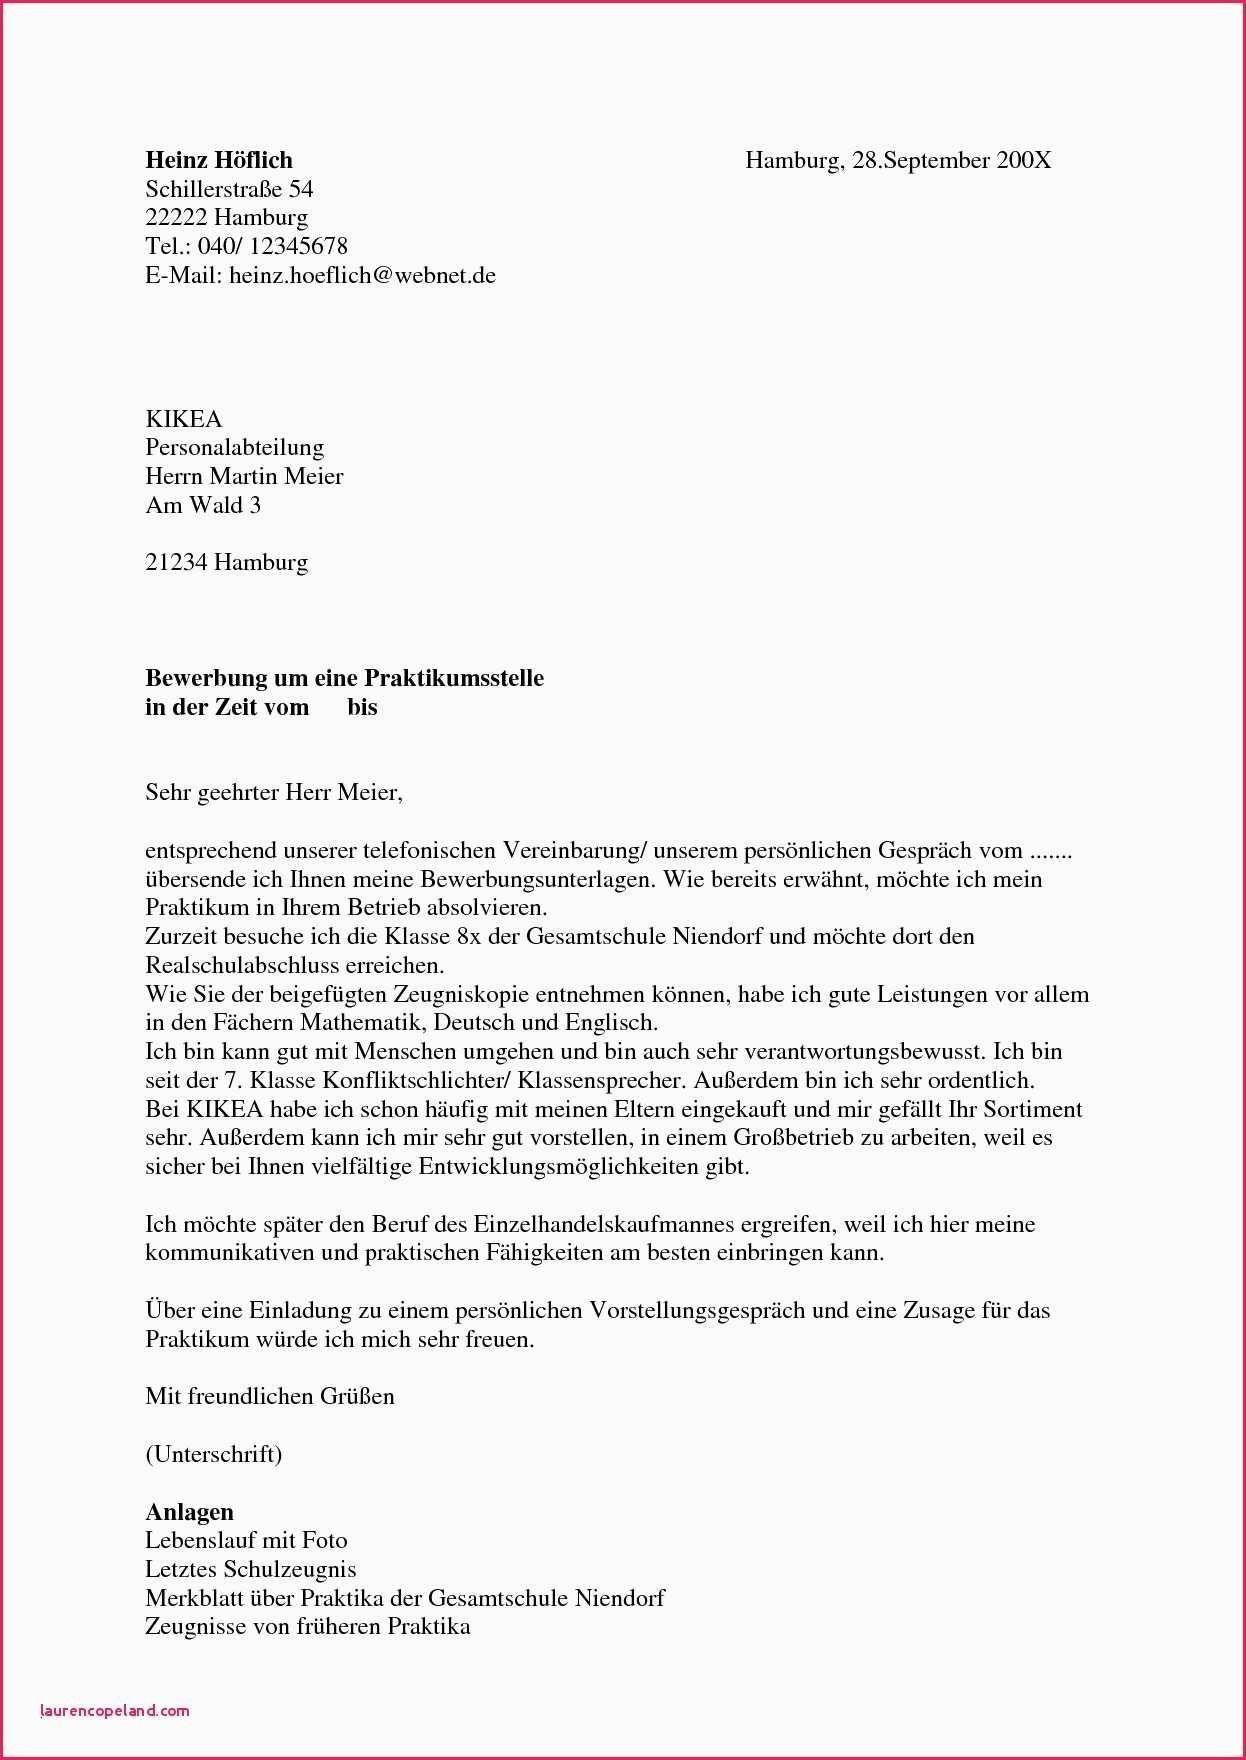 Neu Bewerbung Anschreiben Zeitarbeit Festanstellung Briefprobe Briefformat Briefvorlage Bewerbung Schreiben Lebenslauf Vorlagen Lebenslauf